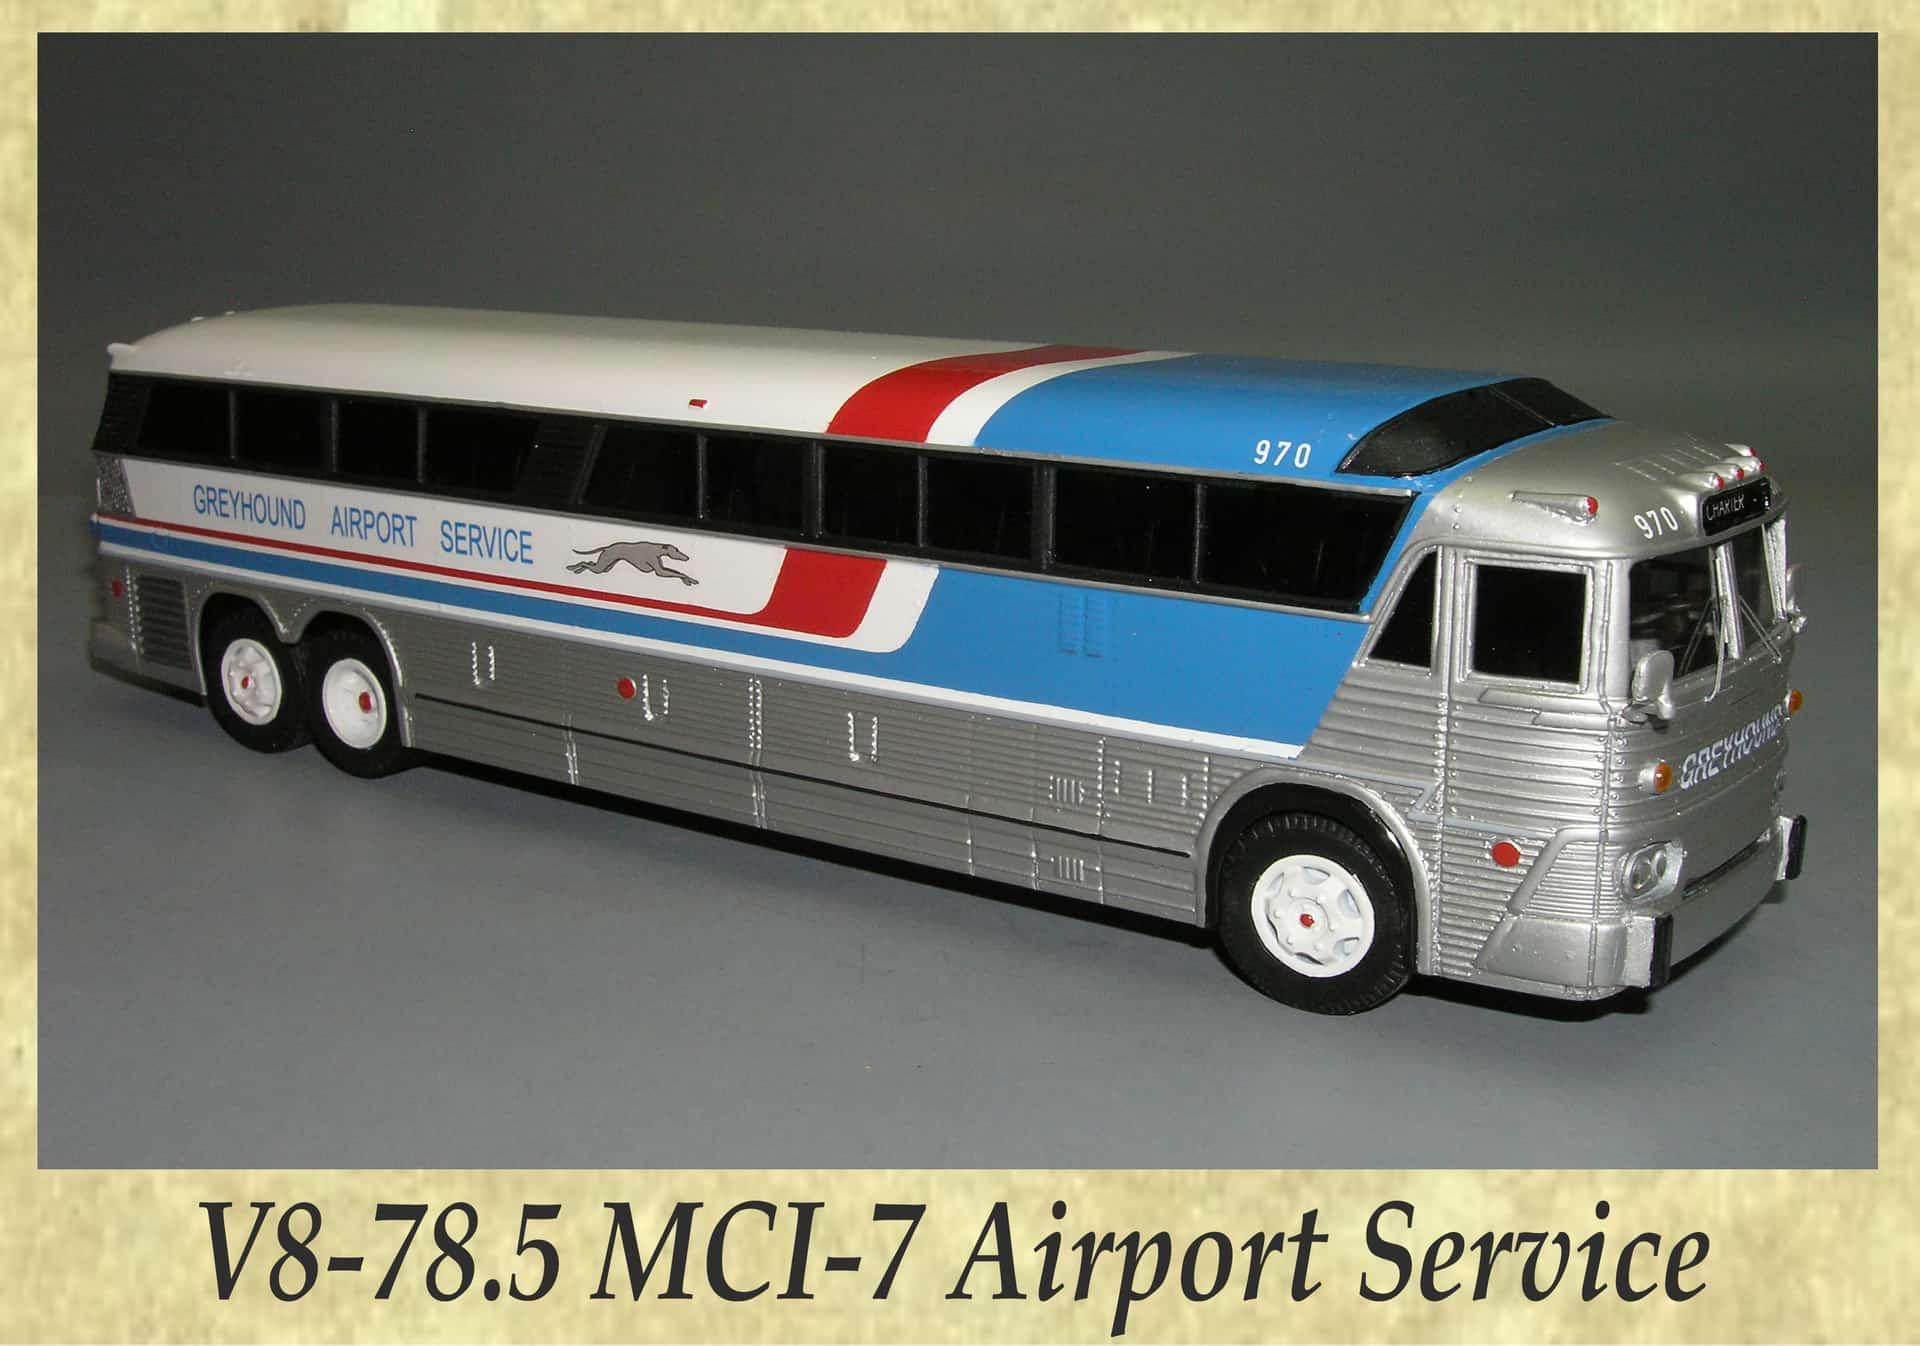 V8-78.5 MCI-7 Airport Service